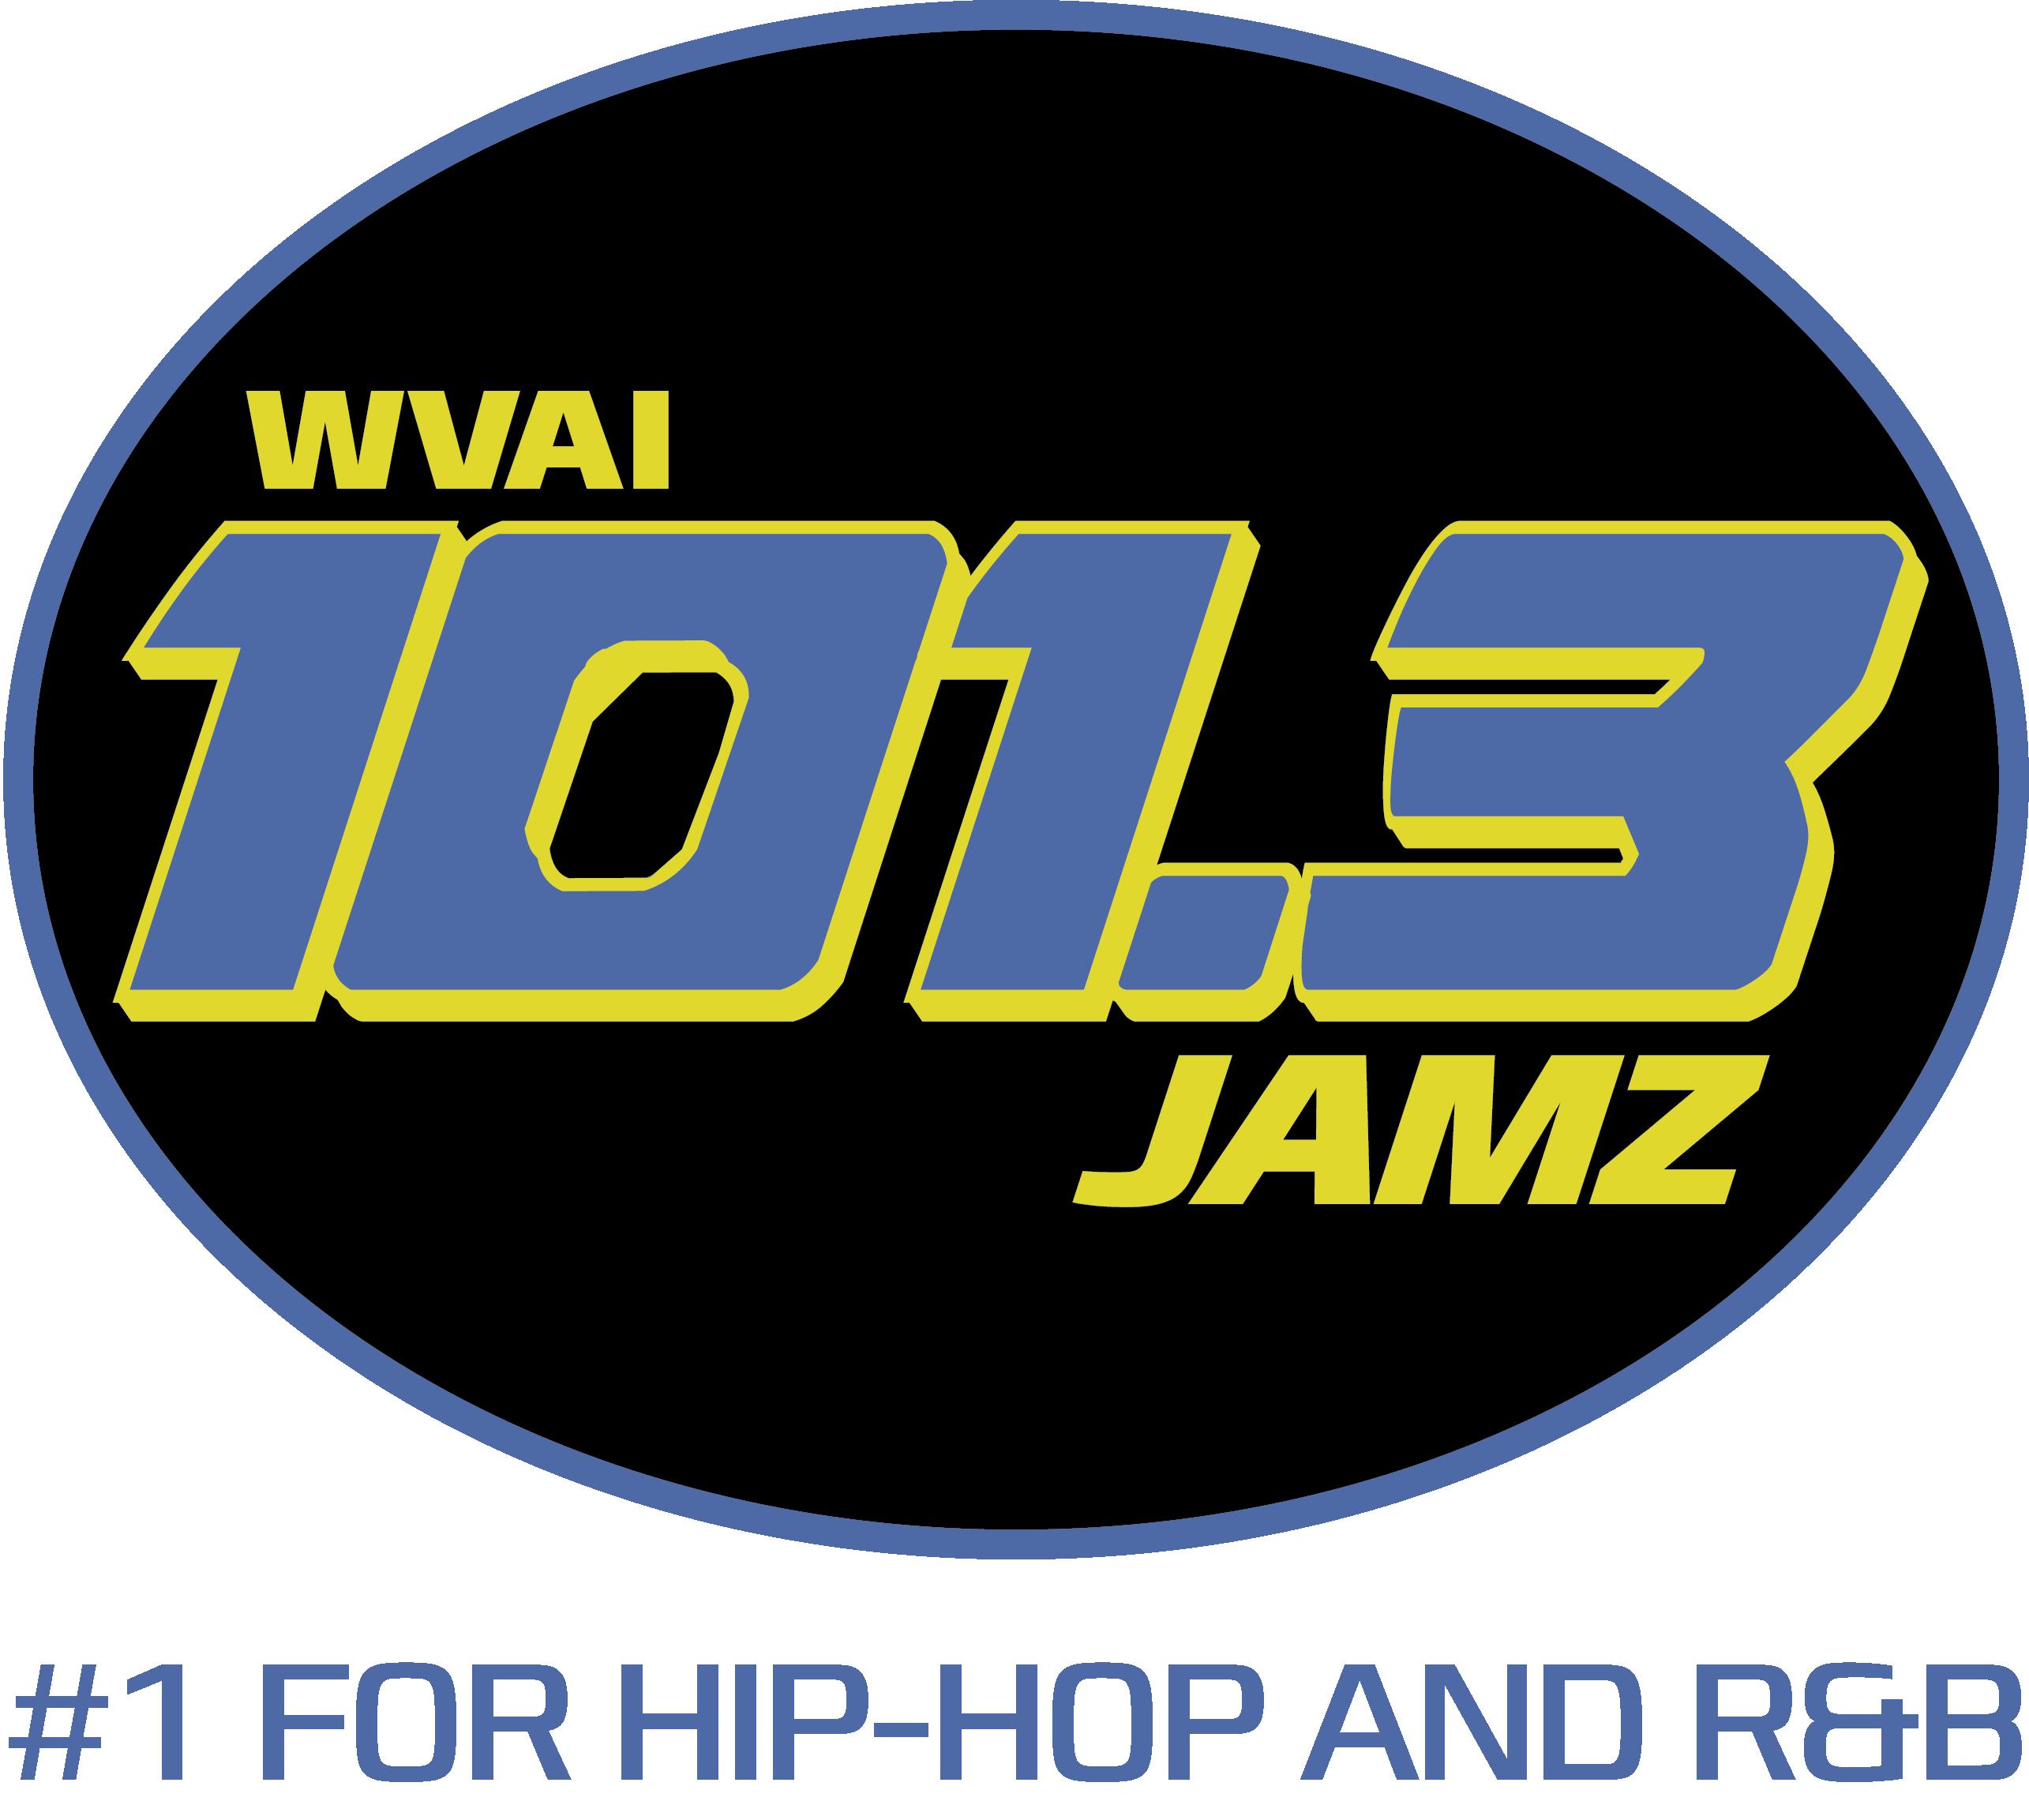 WVAI Logo